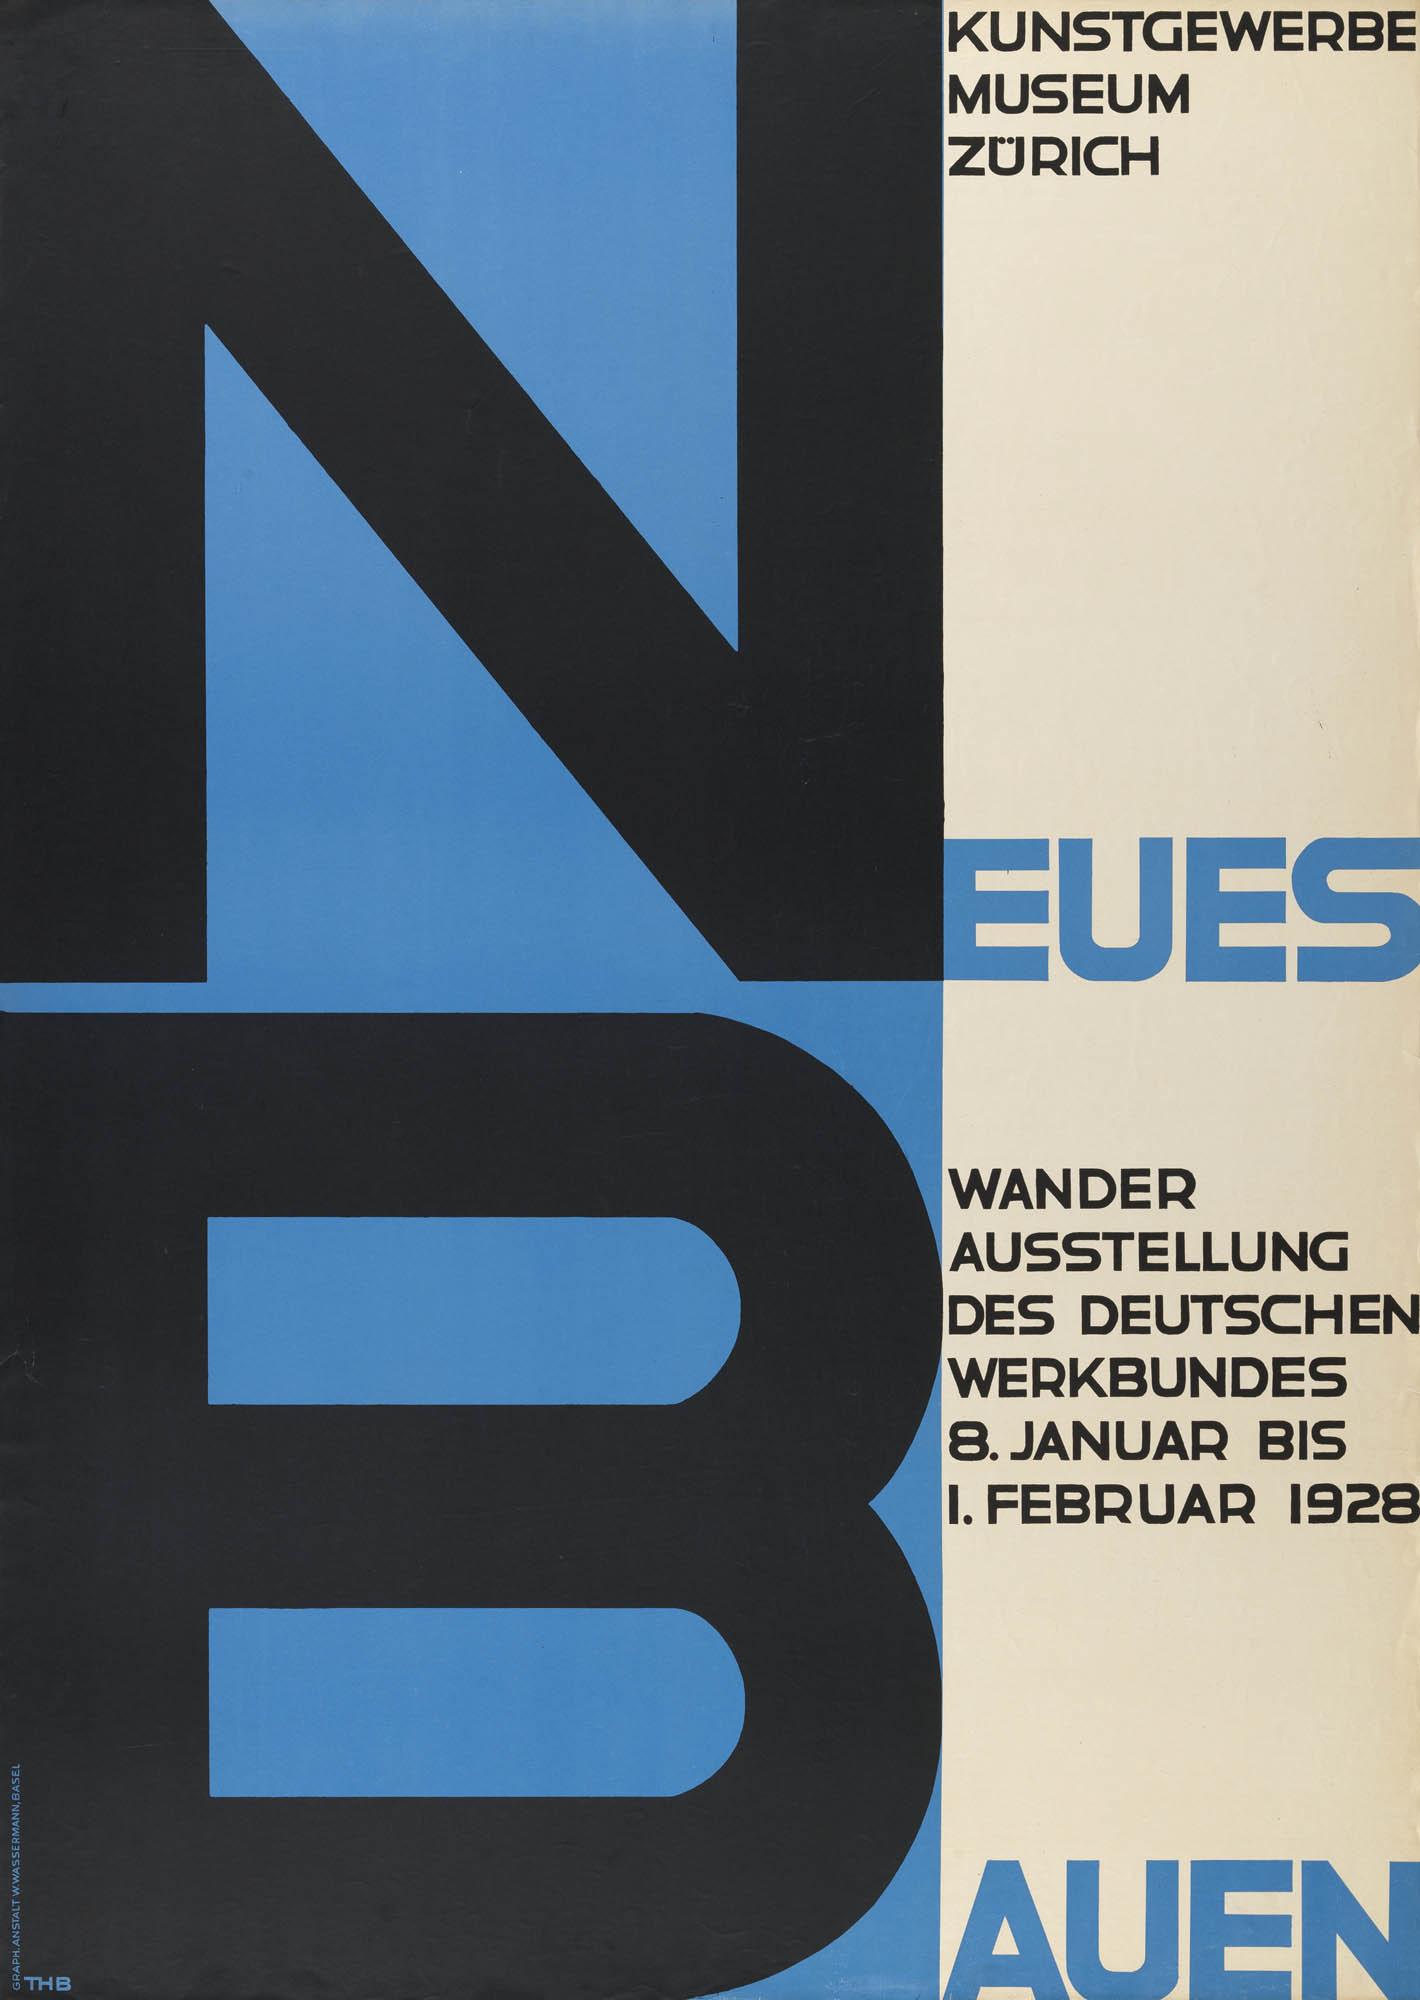 Schweizerische Städtebauausstellung – Kunsthaus Zürich Niklaus Stoecklin Affiche